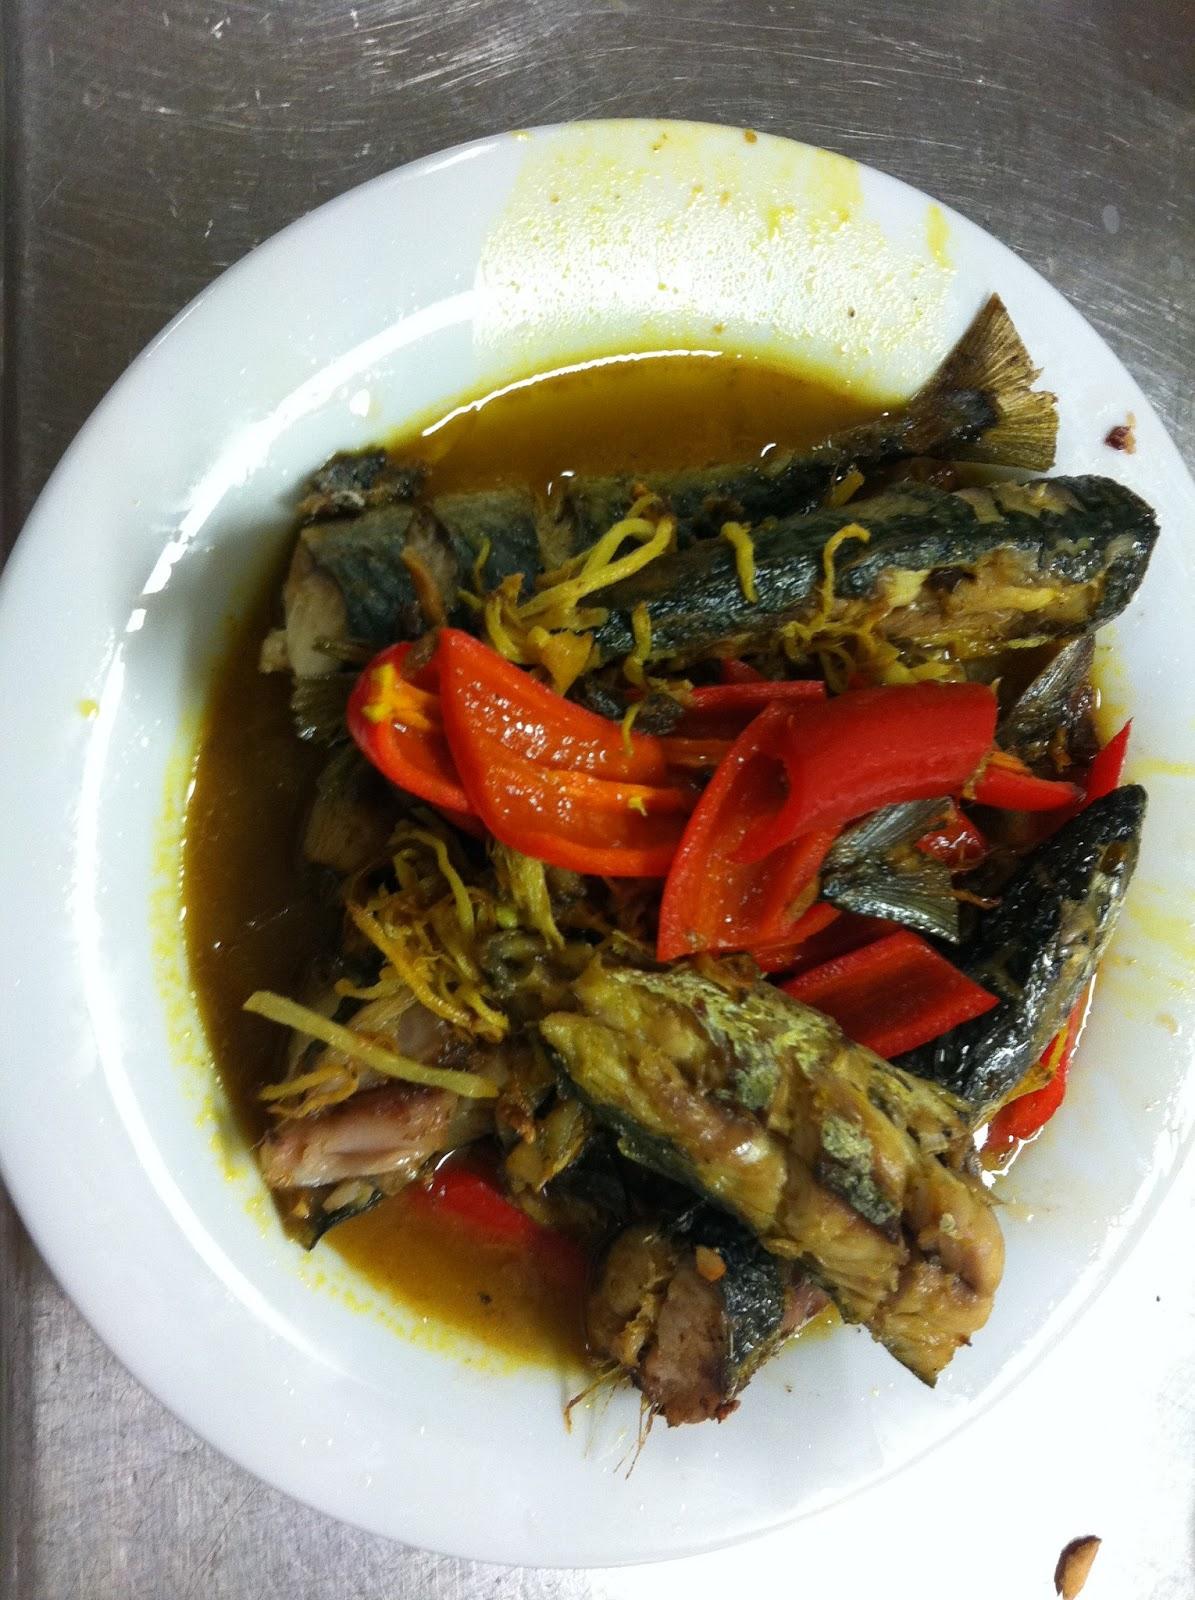 zhelazycook: Nyonya Acar Fish